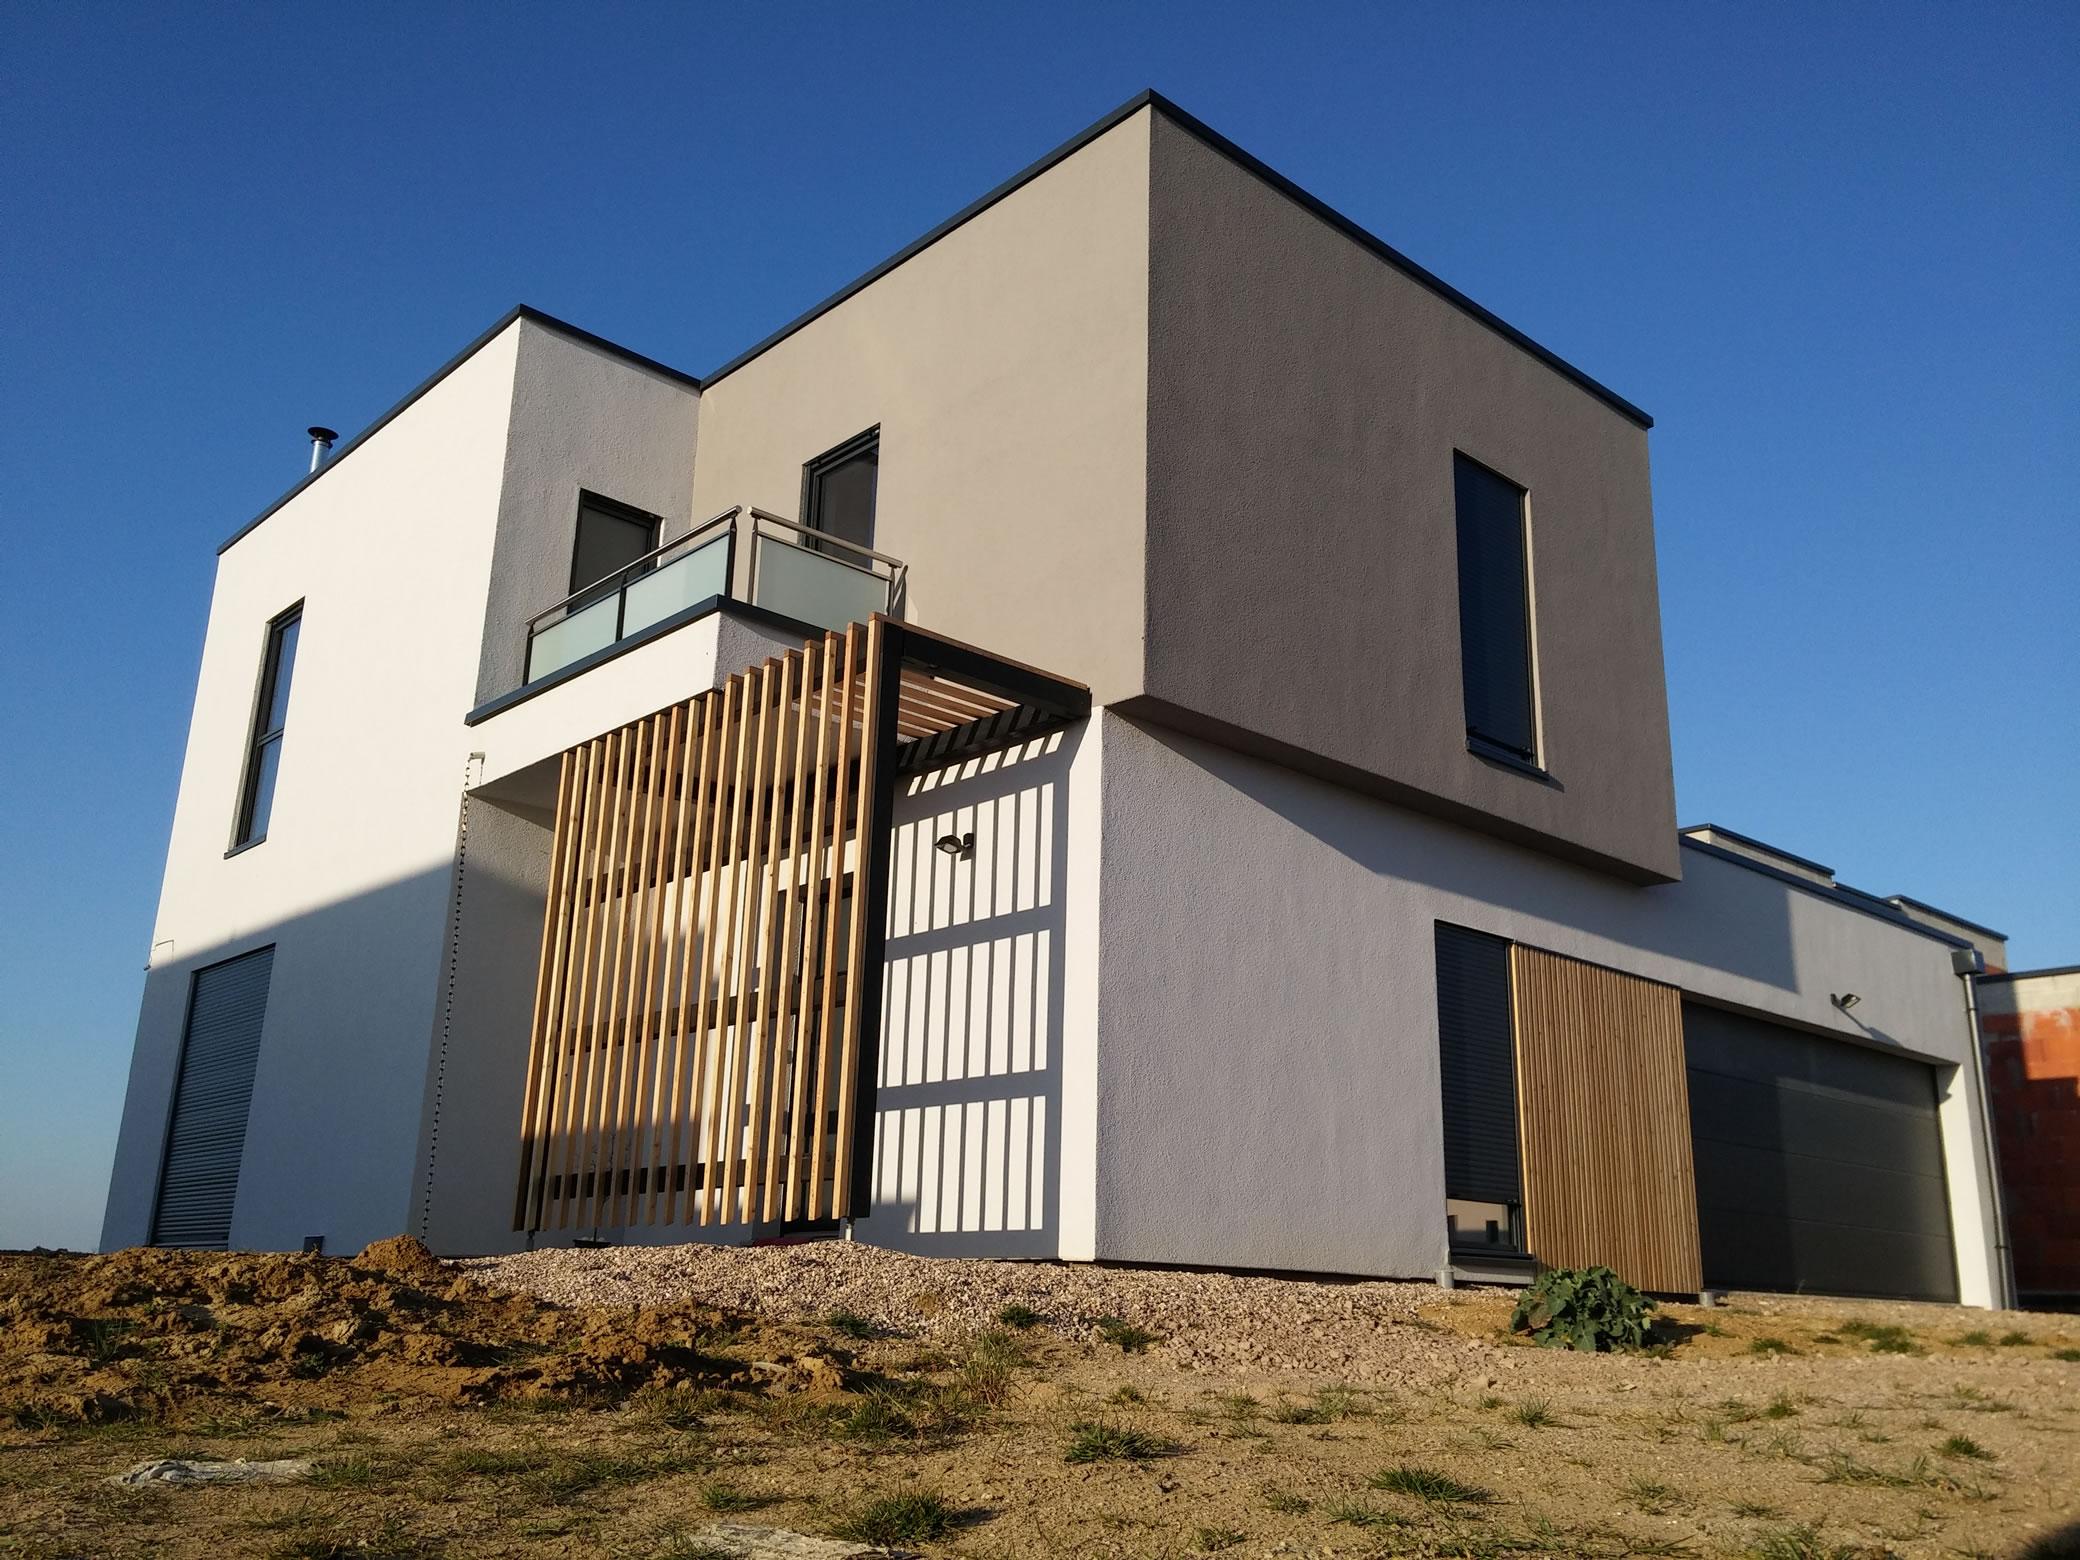 best prix maison bois m knutange rdc m maison ossature bois with construire une maison de 200m2 - Prix Construction Maison Neuve 200m2